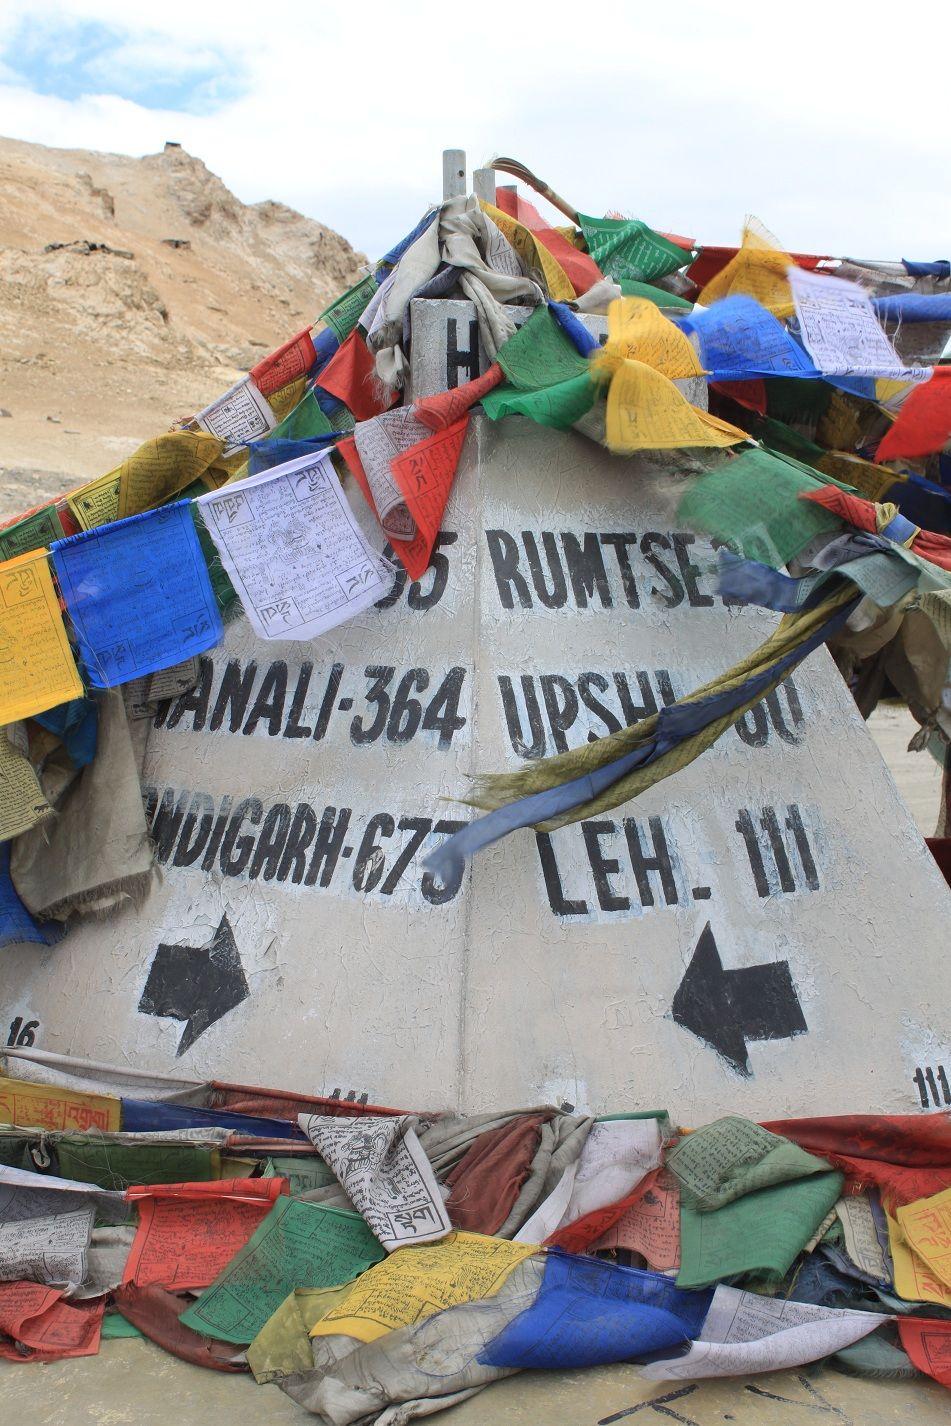 Distance post at TaglangLa top